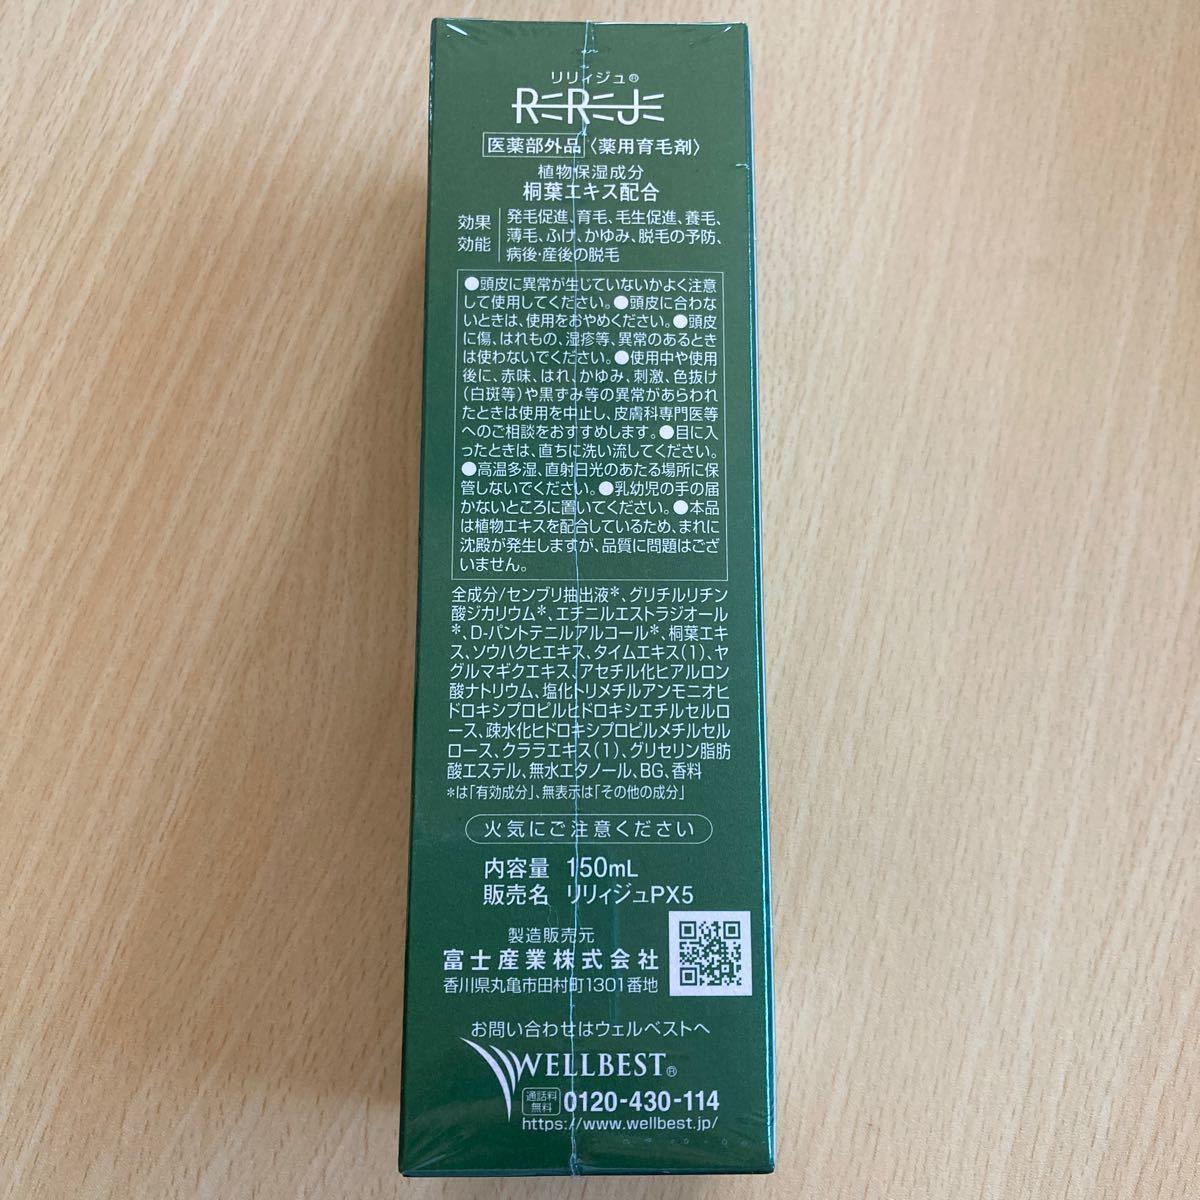 女性のための薬用育毛剤 リリィジュ 150ml  富士産業 ウェルベスト